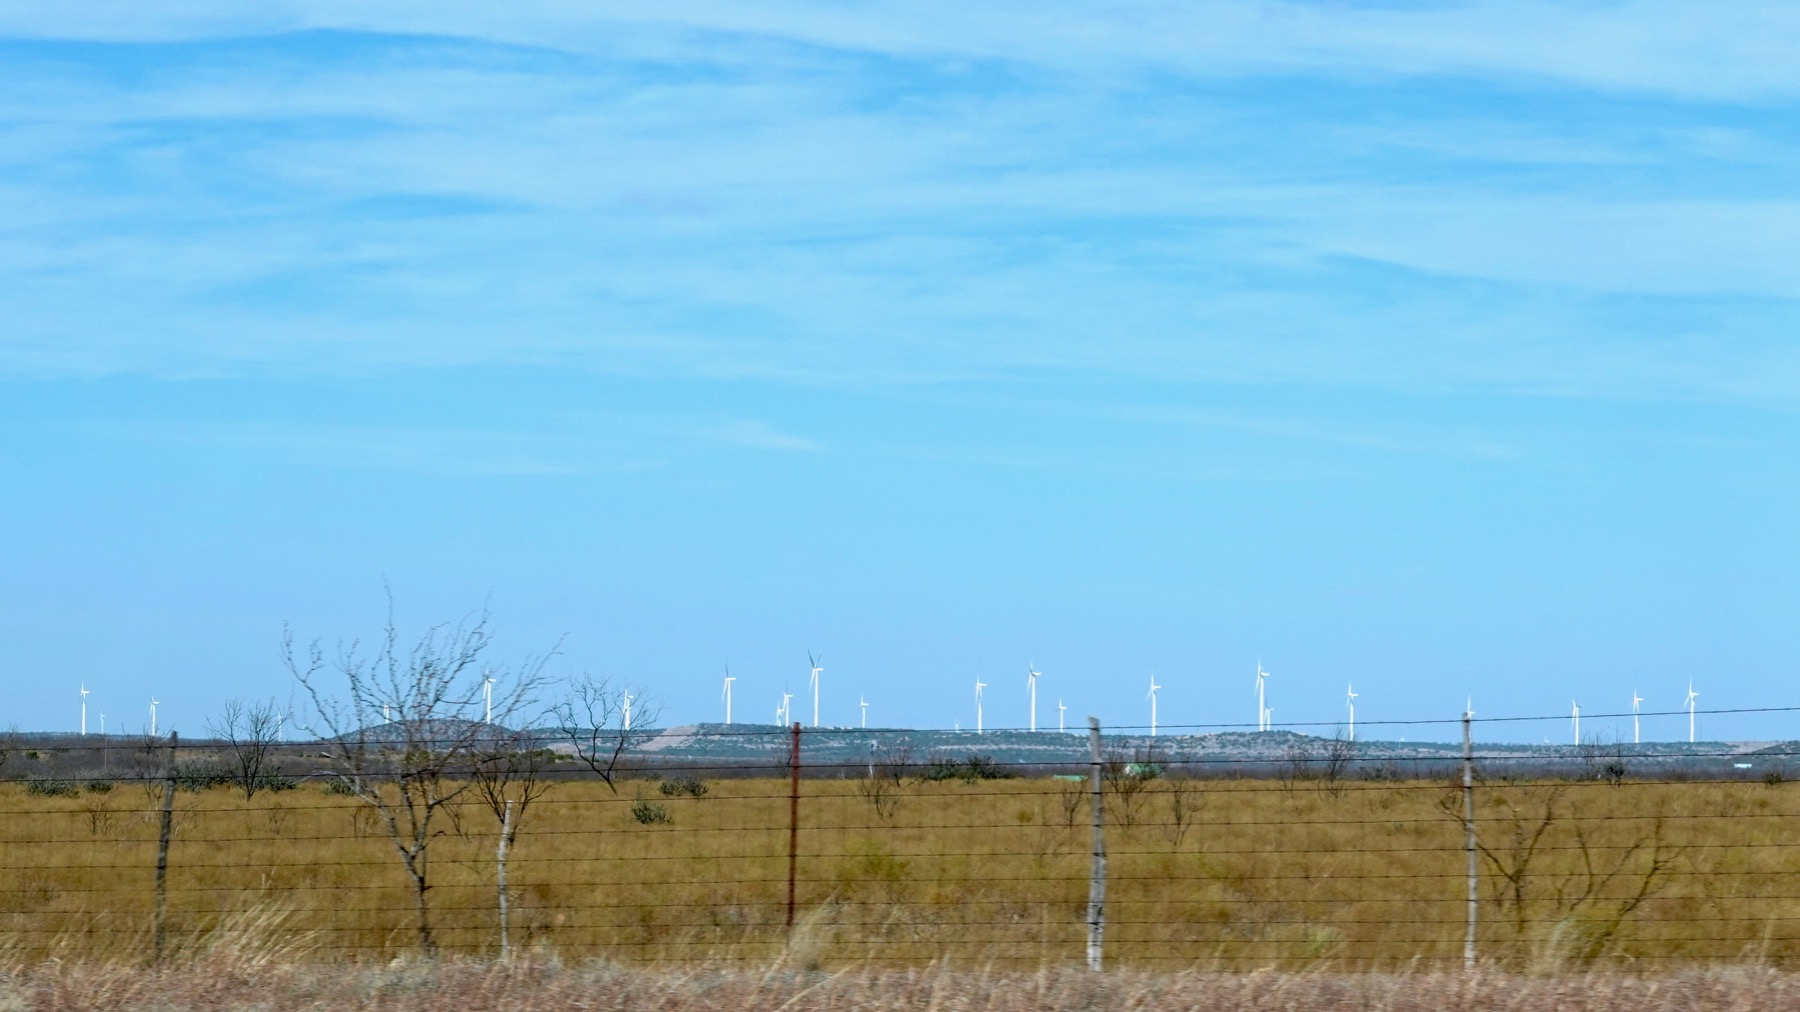 Windplants